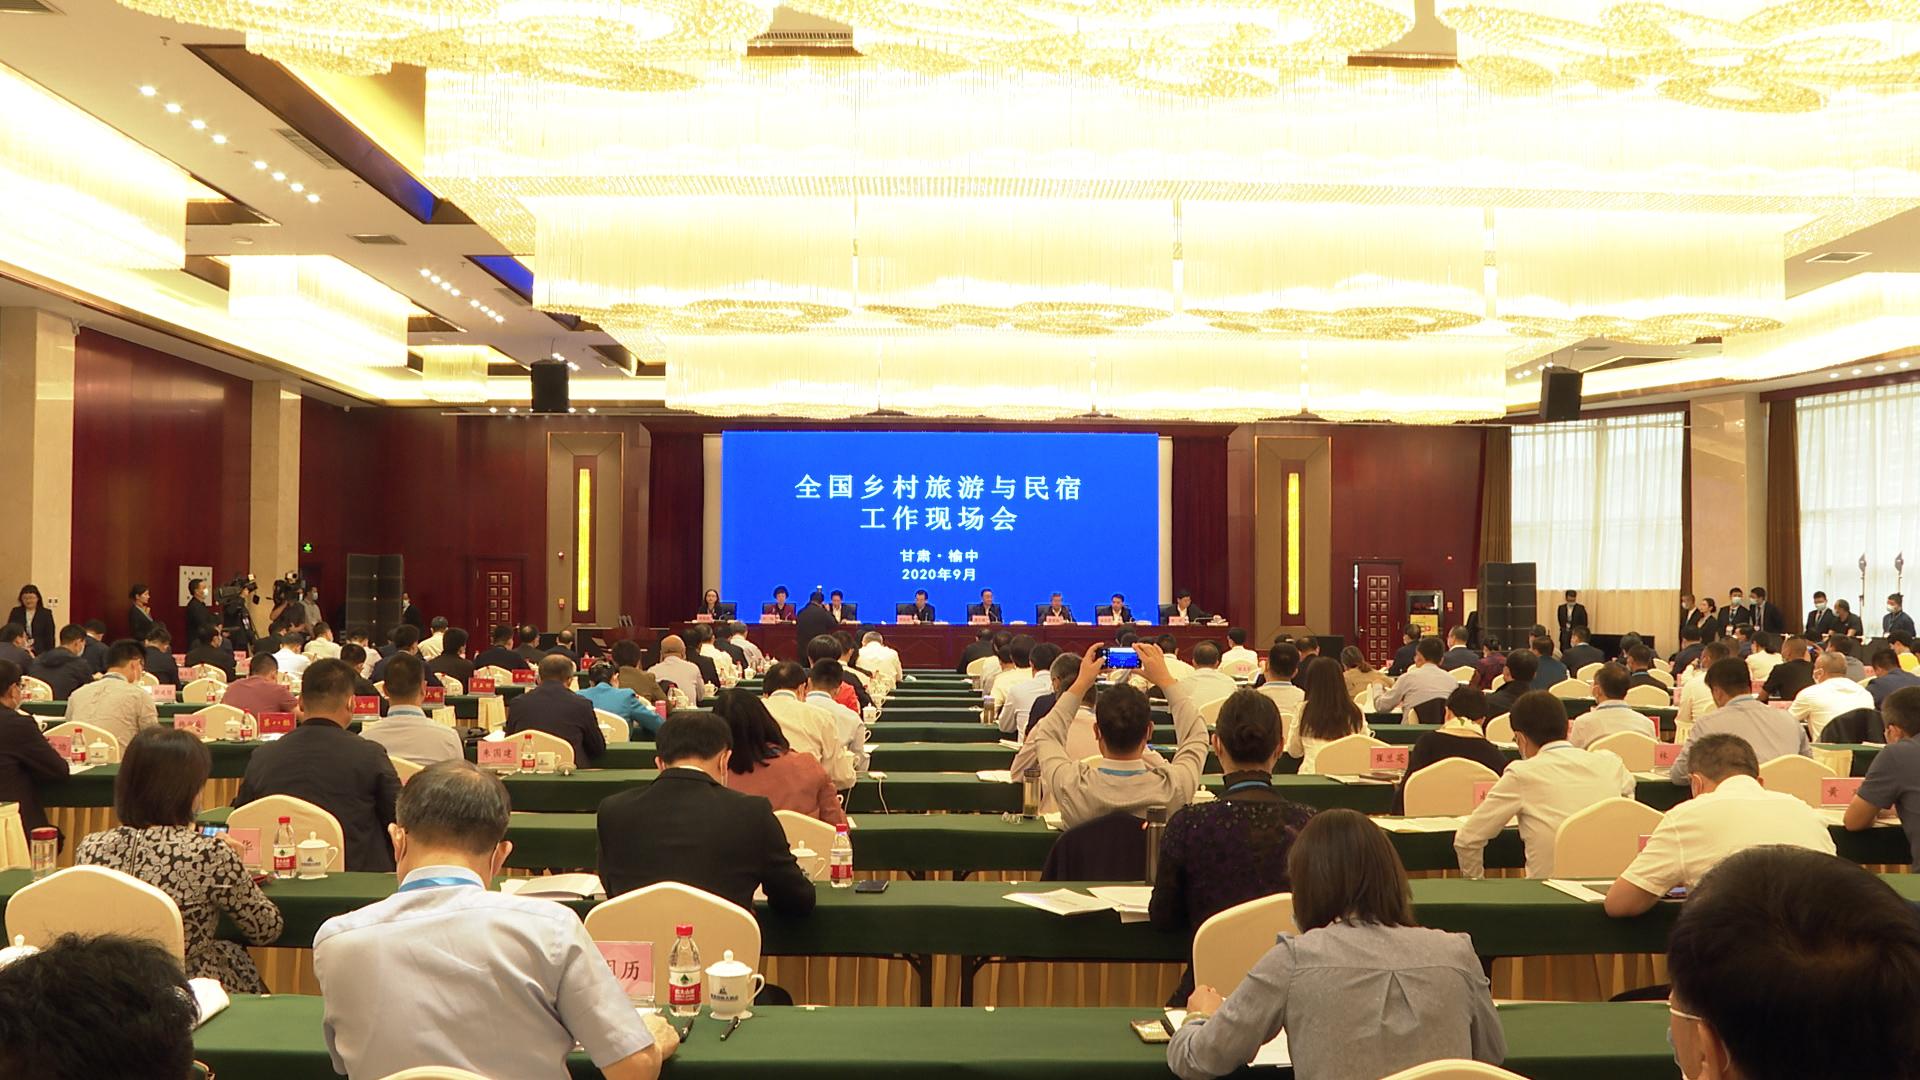 全国乡村旅游与民宿工作现场会在兰州市榆中县召开,胡和平出席会议并讲话